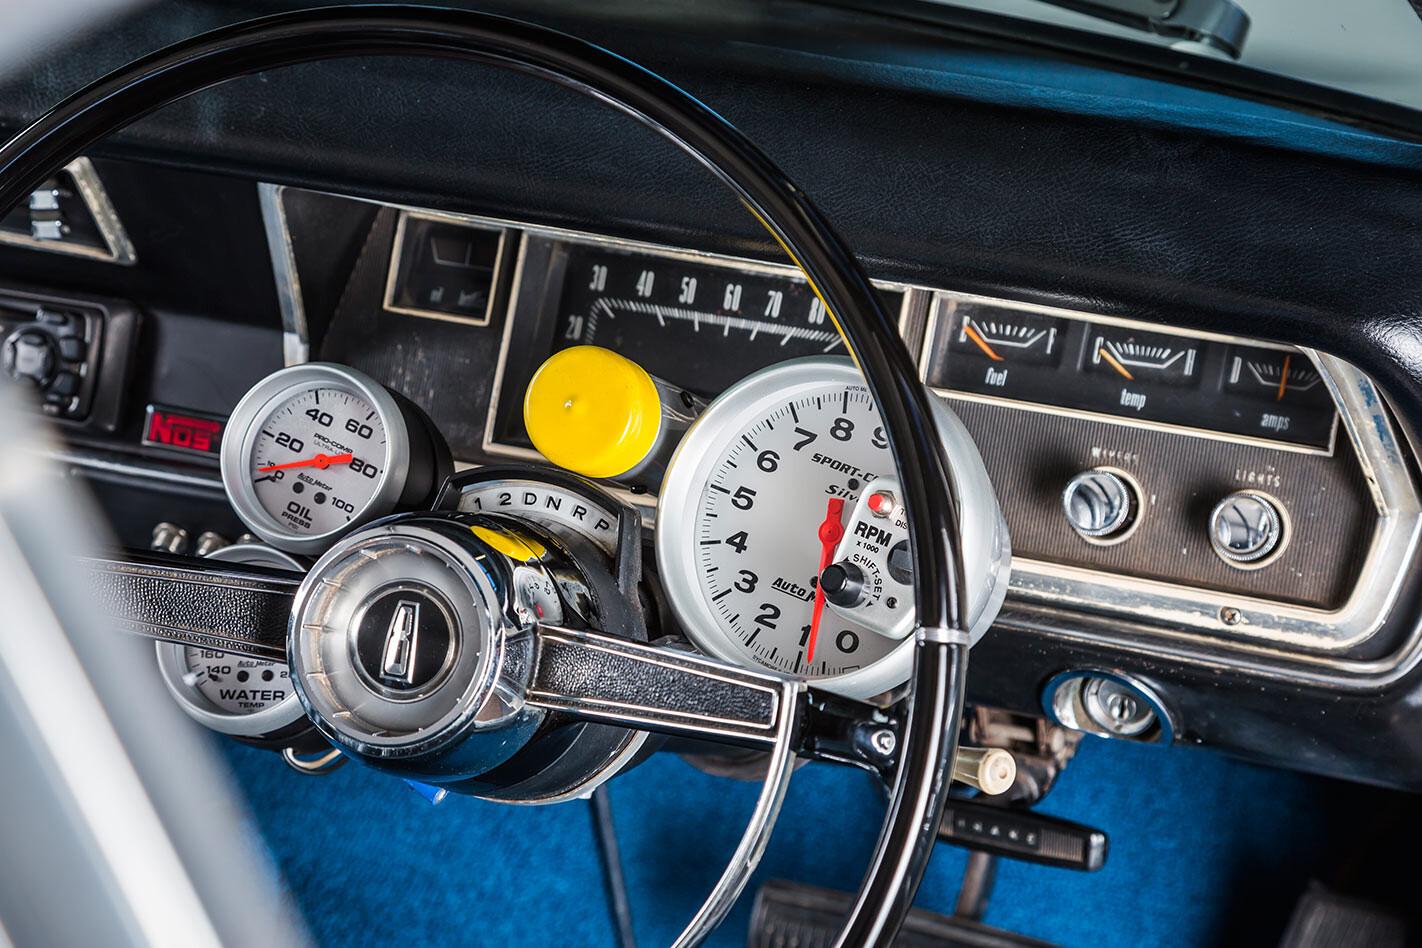 Chrysler VIP Valiant dash